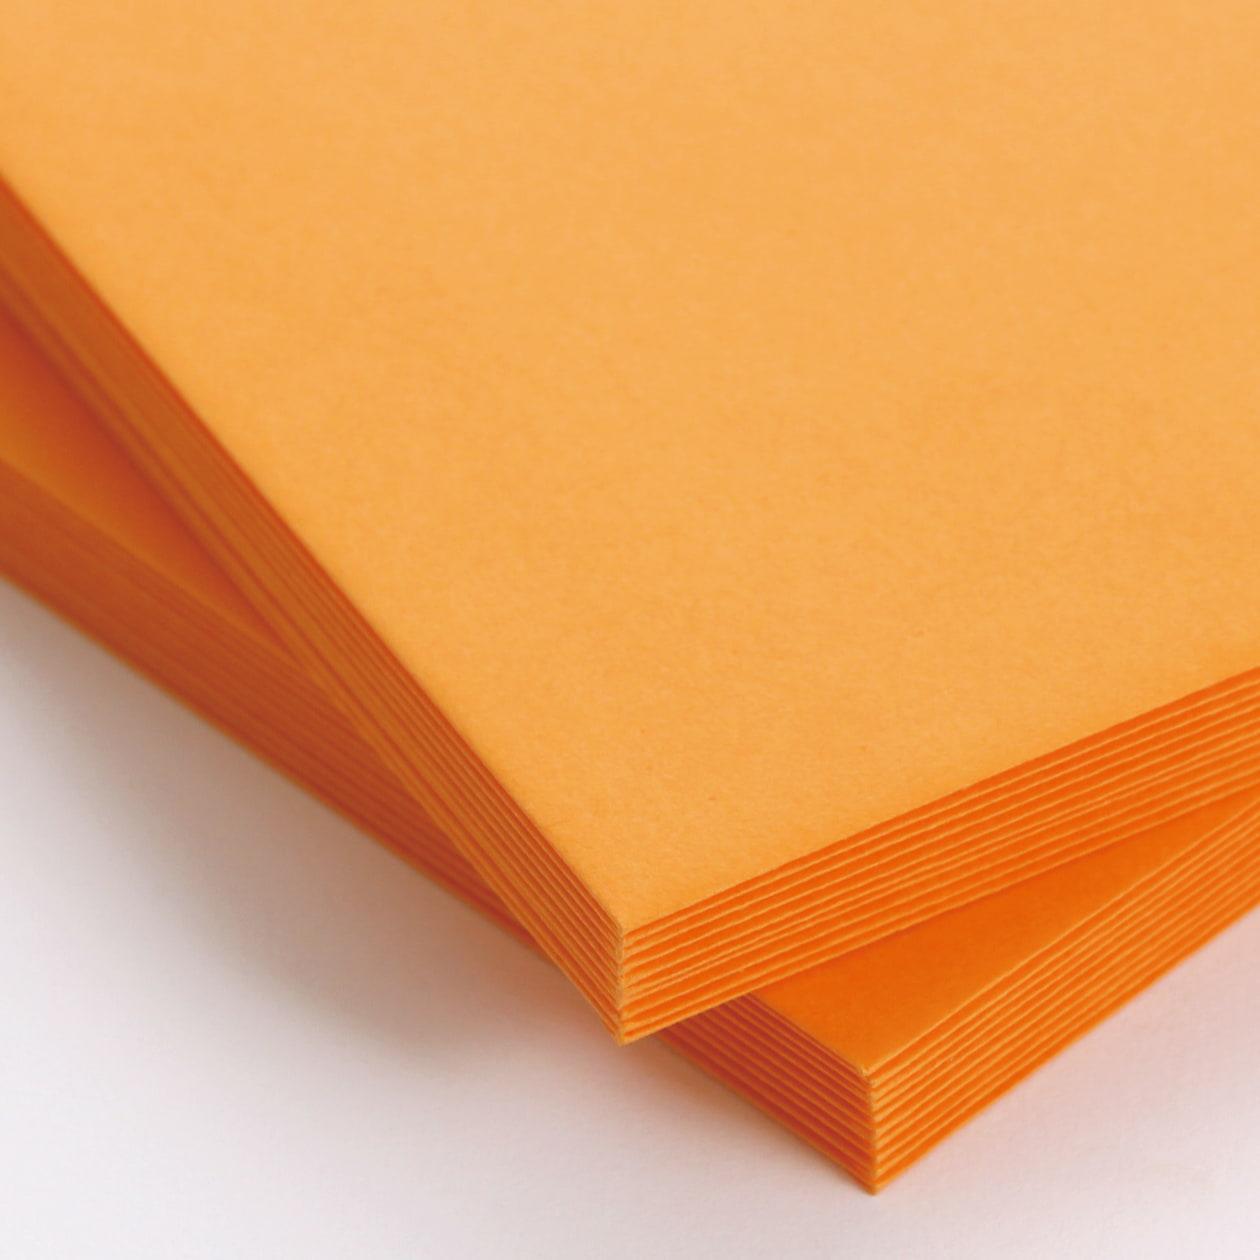 長3封筒 コニーカラー オレンジ 85g 郵便枠有